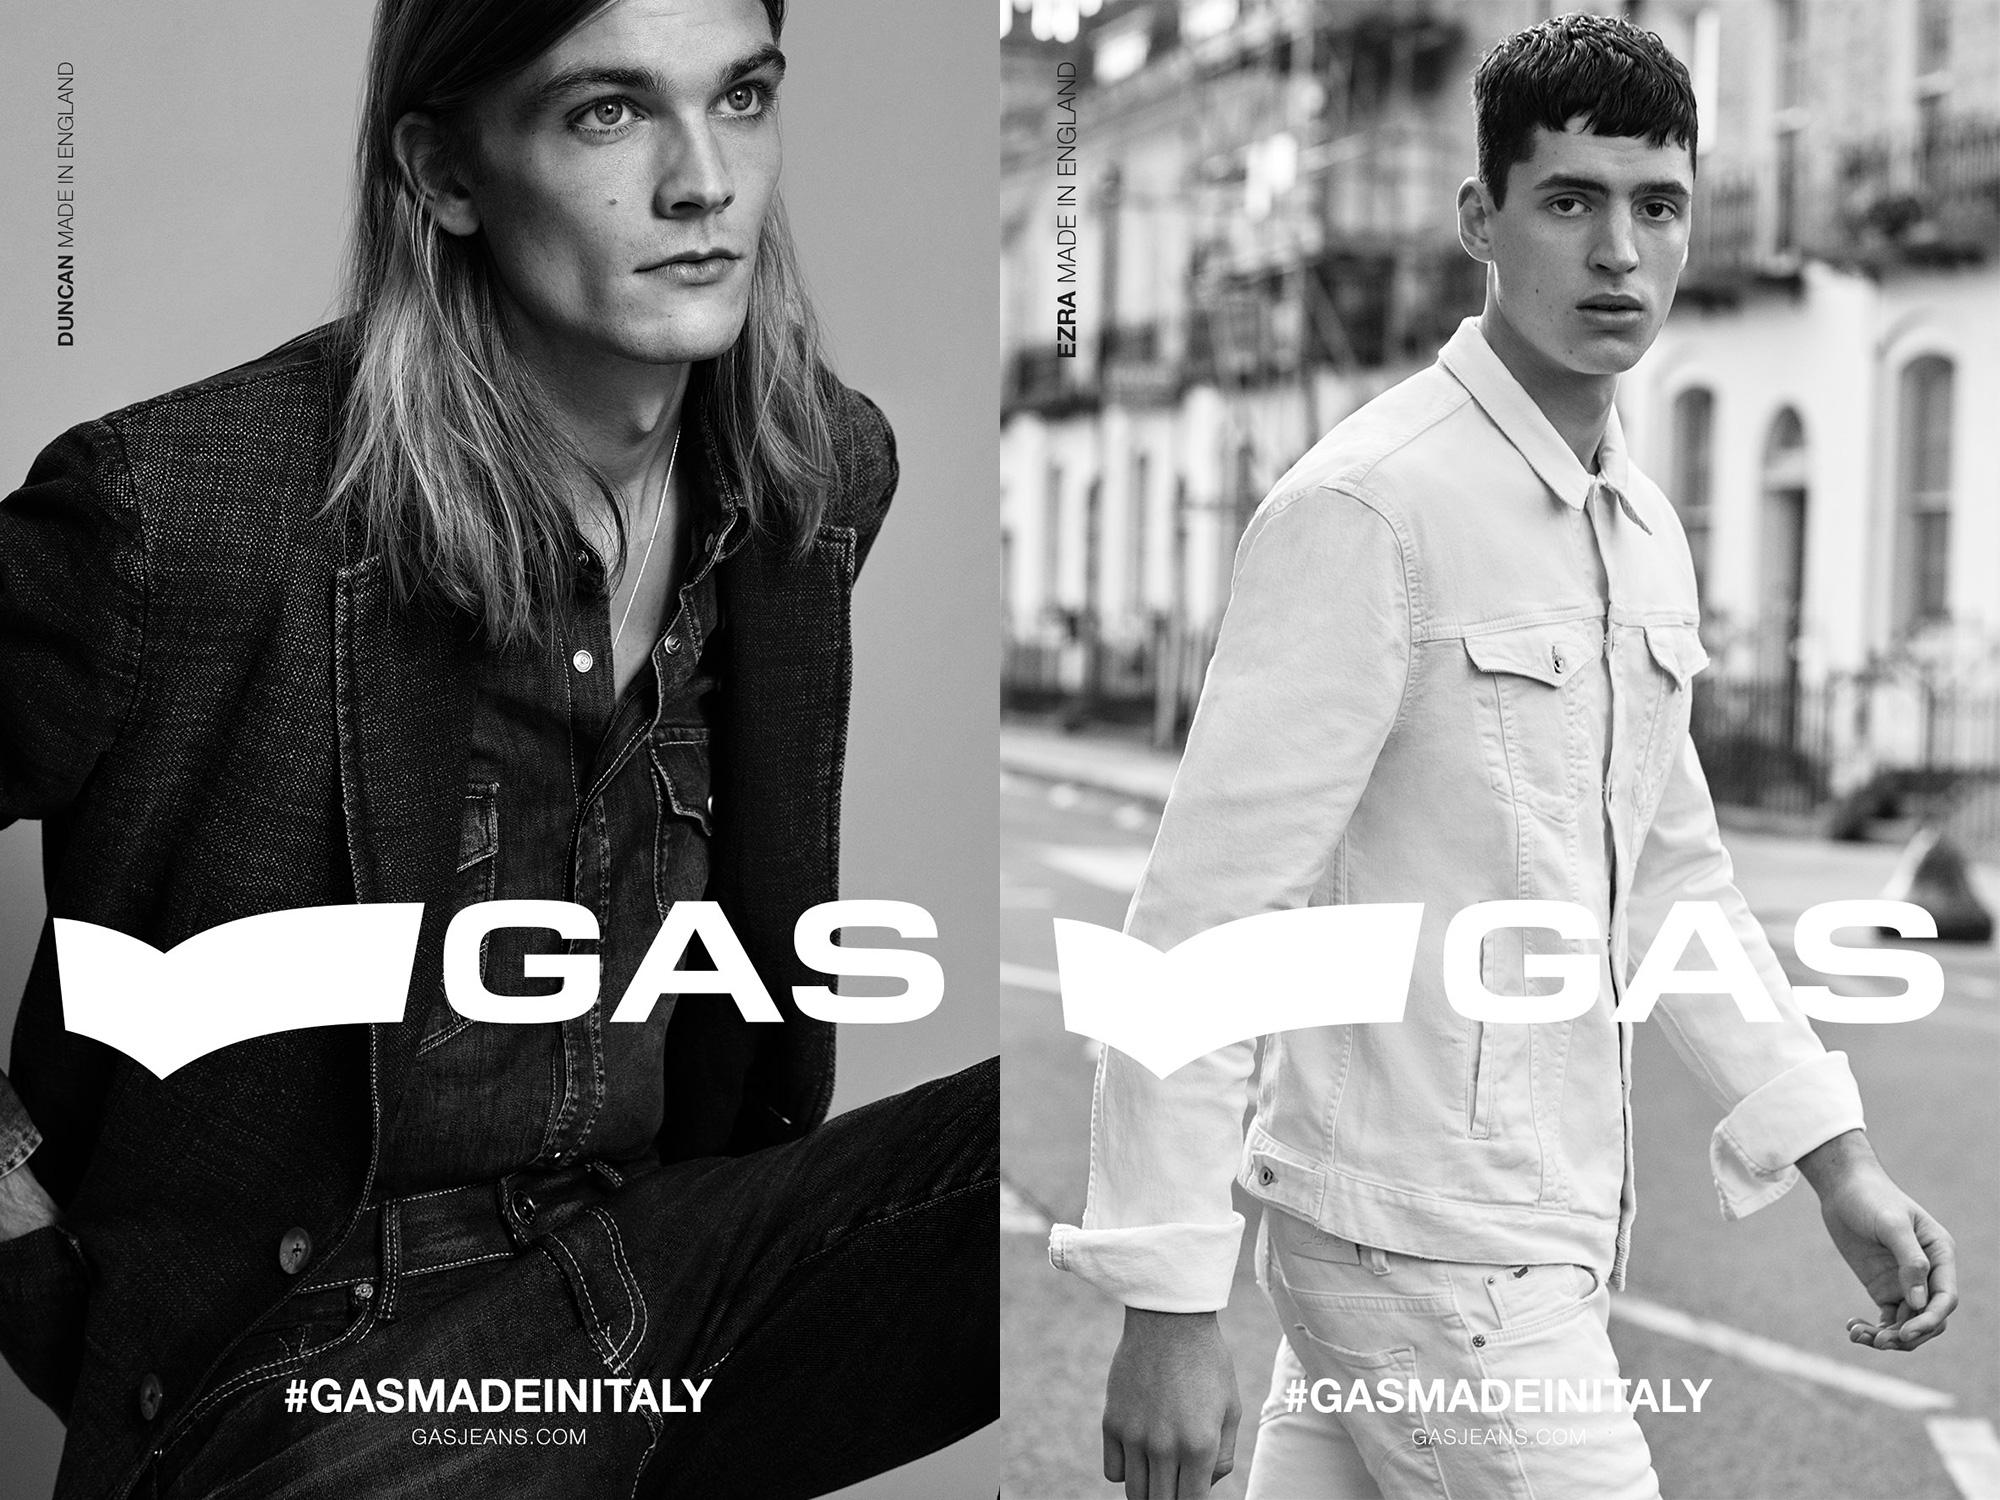 イタリア発のデニムブランド『GAS』がミレニアム世代とリンクしたSSキャンペーンビジュアルを公開!